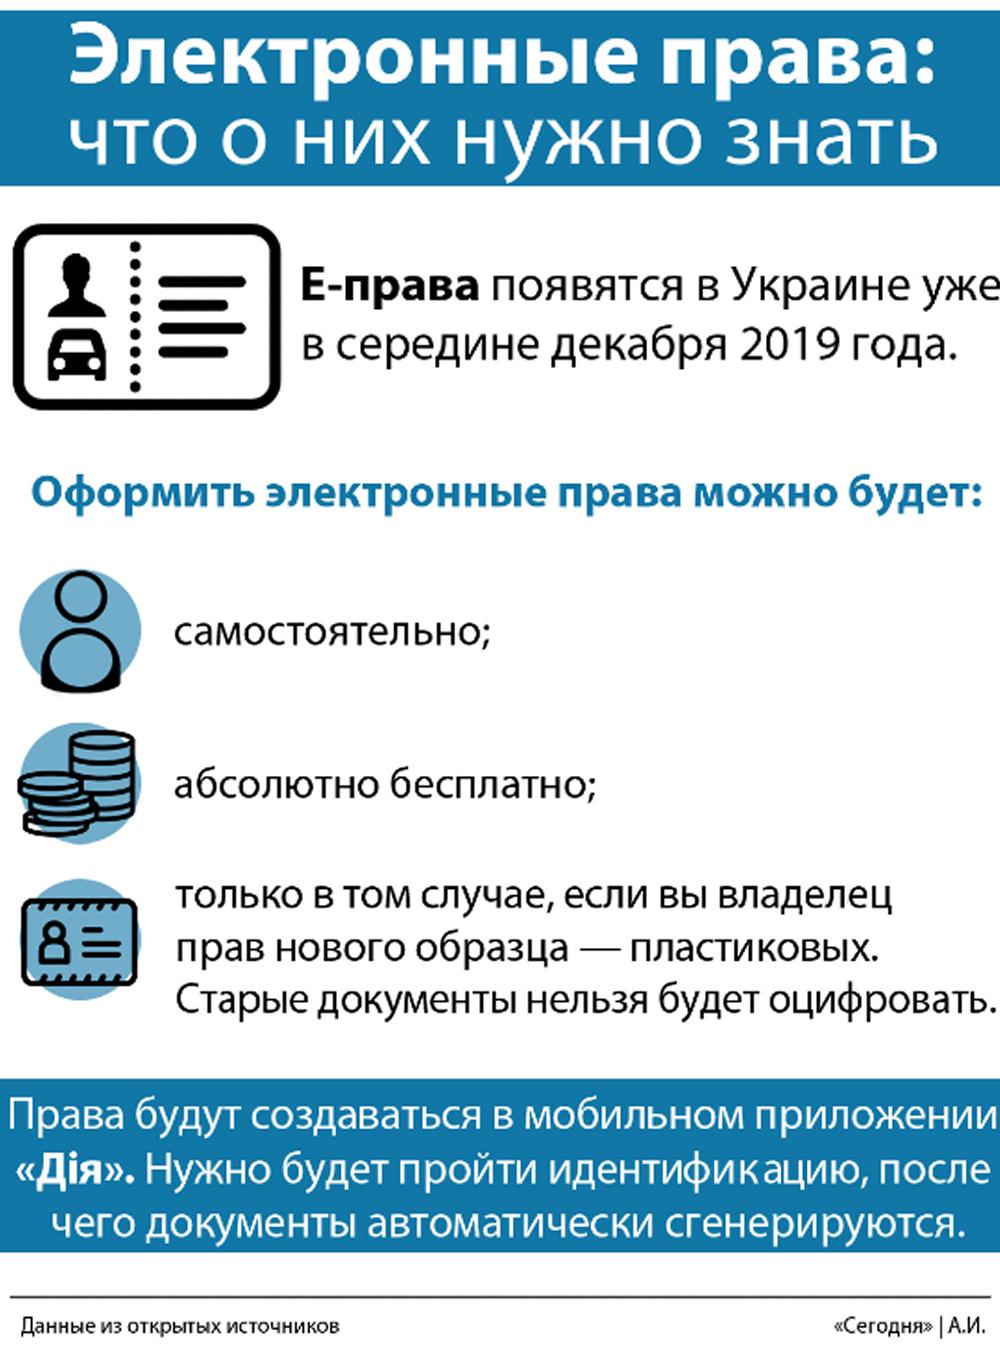 Українці отримають електронні водійські права: що це і як працюватиме, фото-2